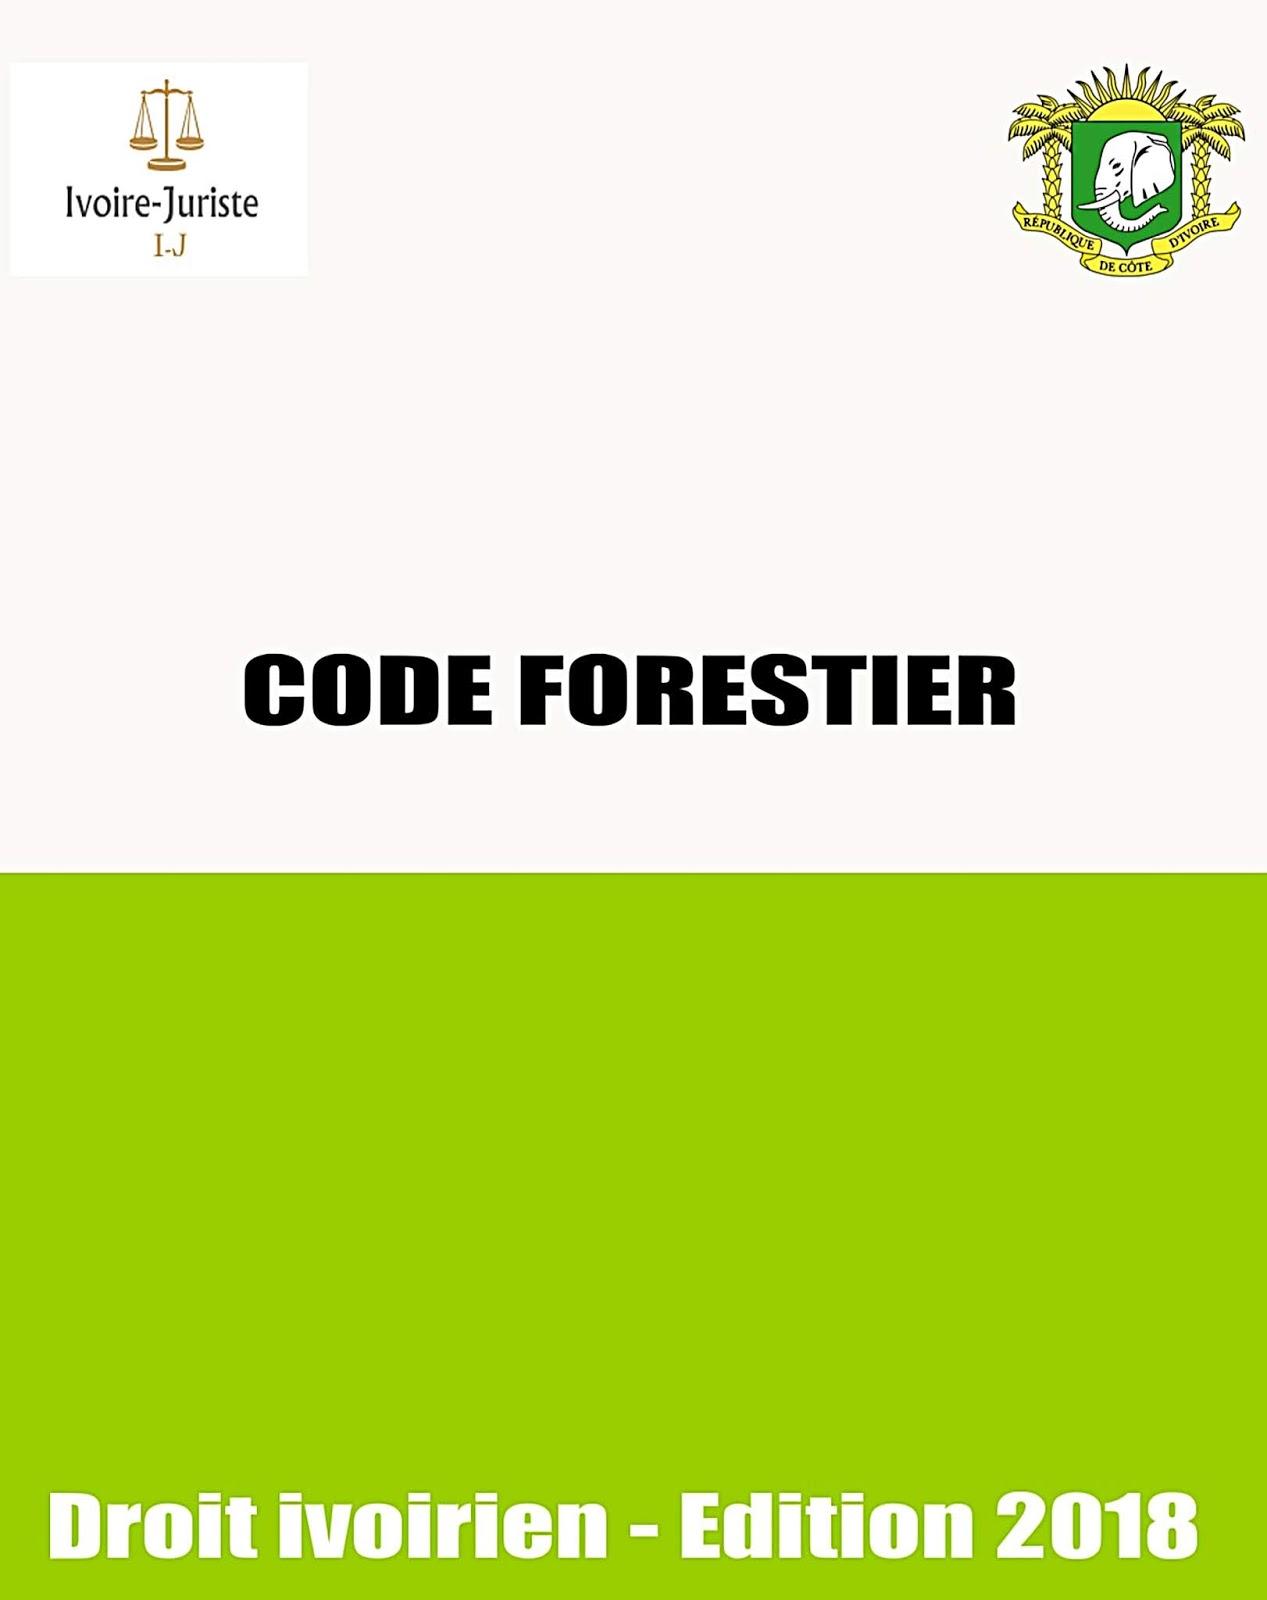 Télécharger gratuitement le Code forestier ivoirien pdf (===